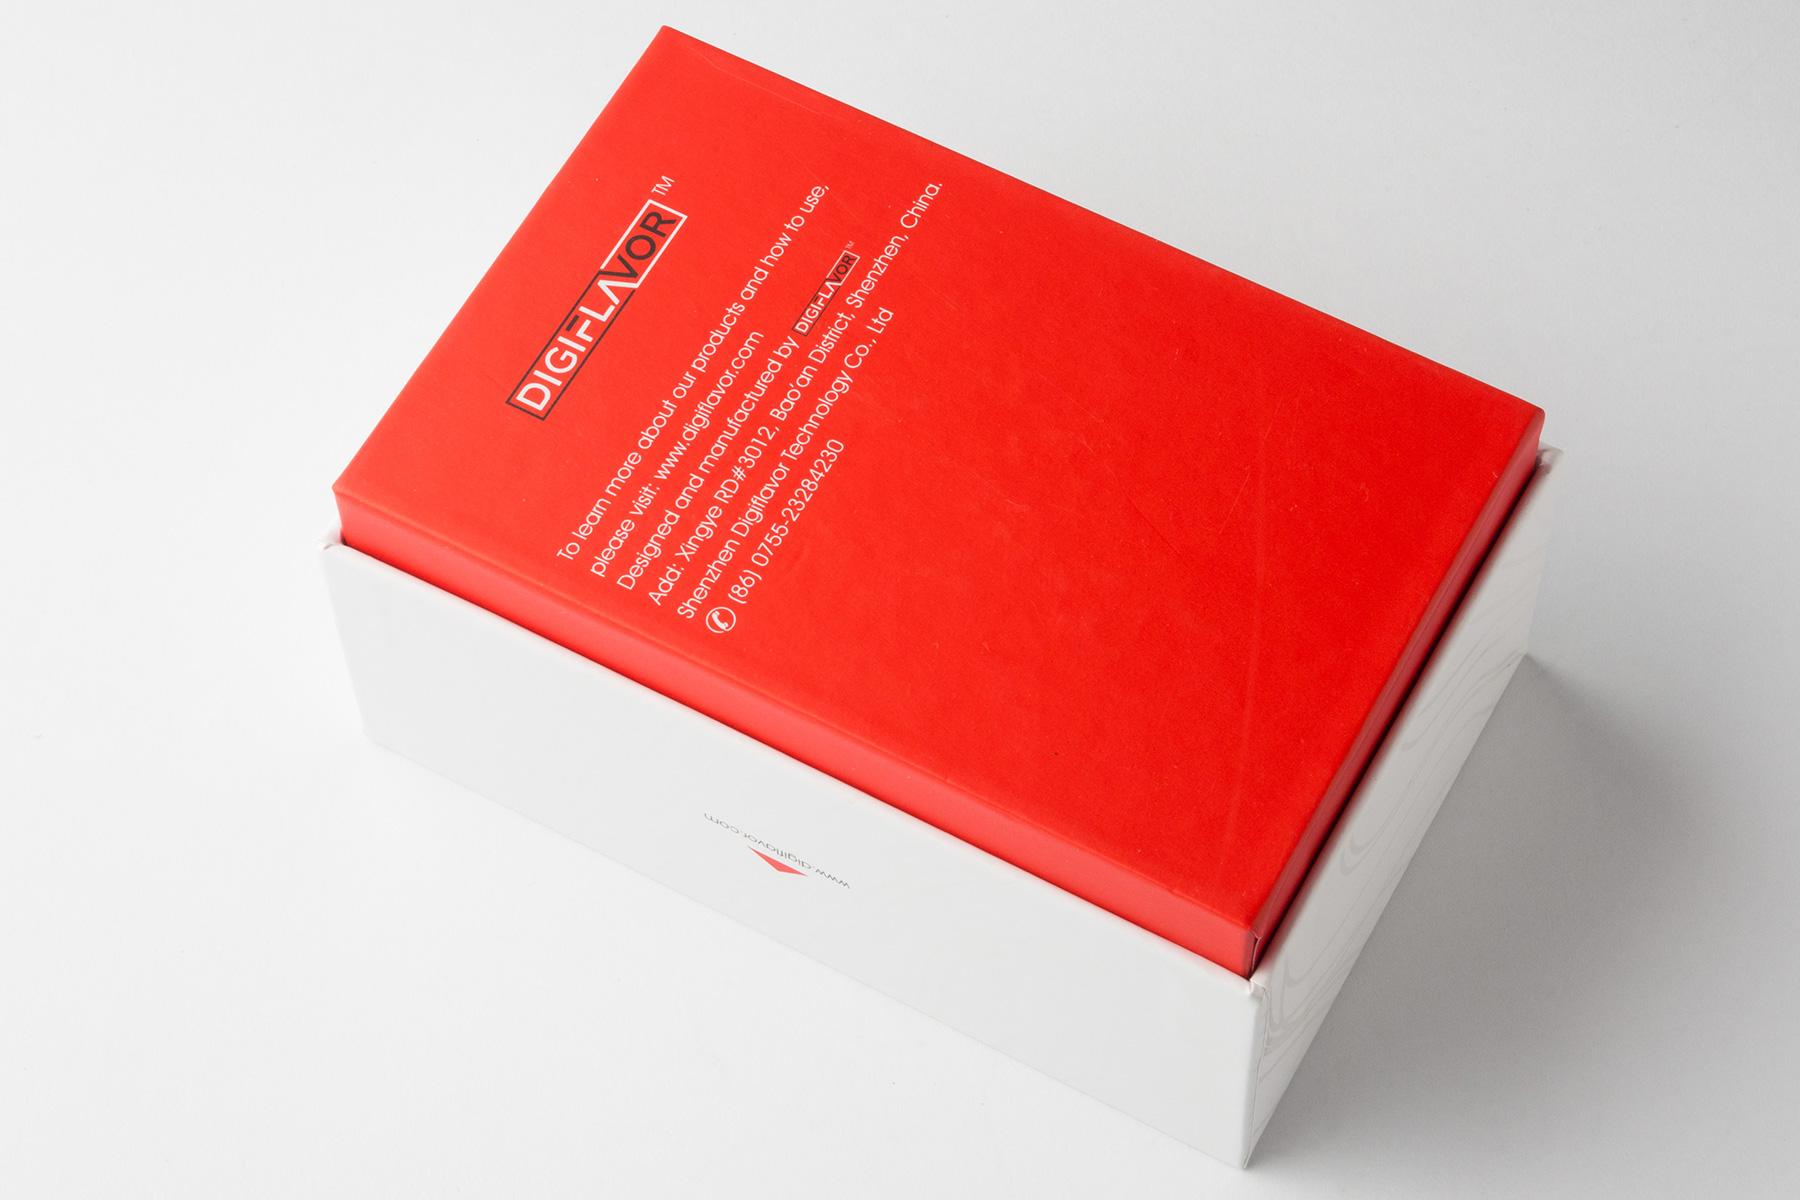 【スターターキット】UBOX Sterter Kit「ユーボックス」(DIGIFLAVOR/デジフレーバー) レビュー